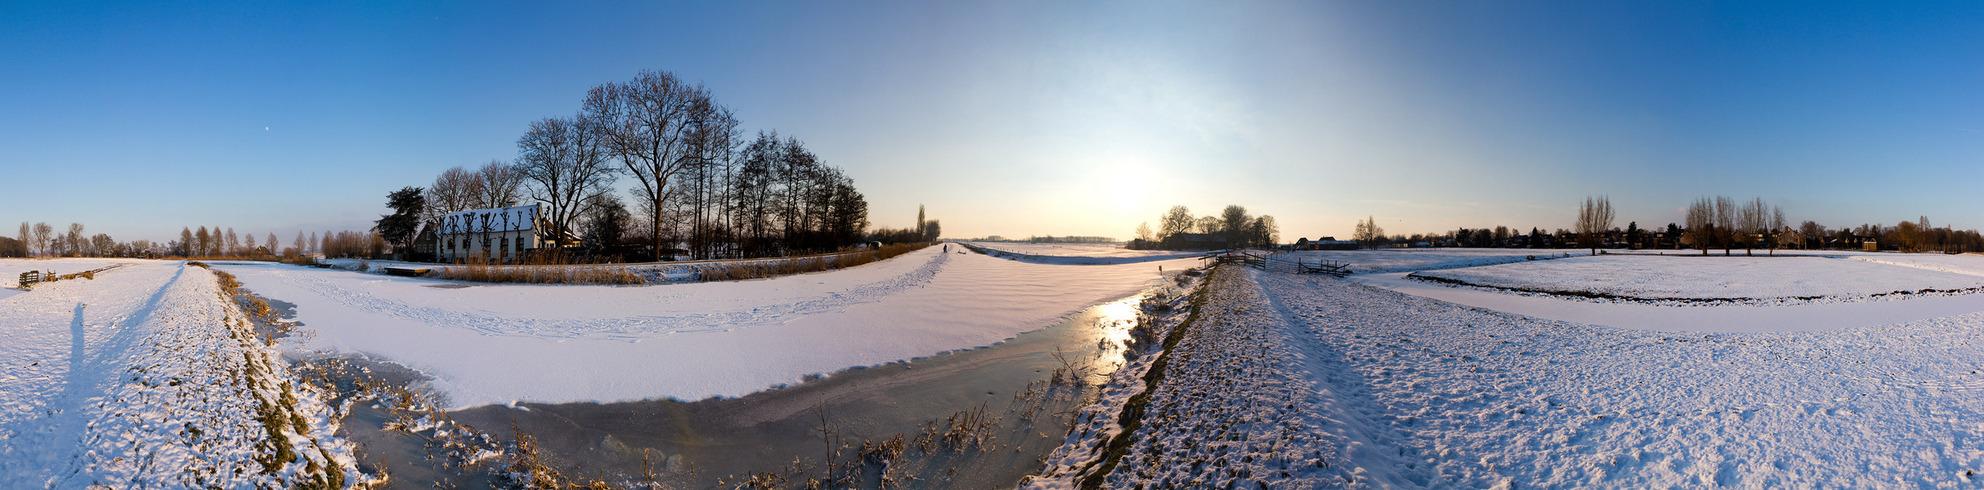 Abcoude winters panorama - 360 pano van de omgeving bij Abcoude. ik hoop dat ie een beetje groot upload, wel zo leuk. Anders moet ik weer het 'planeetje' uploaden haha - foto door dennisvdwater op 06-02-2012 - deze foto bevat: zon, panorama, natuur, sneeuw, winter, ijs, landschap, maan, weiland, 360, abcoude